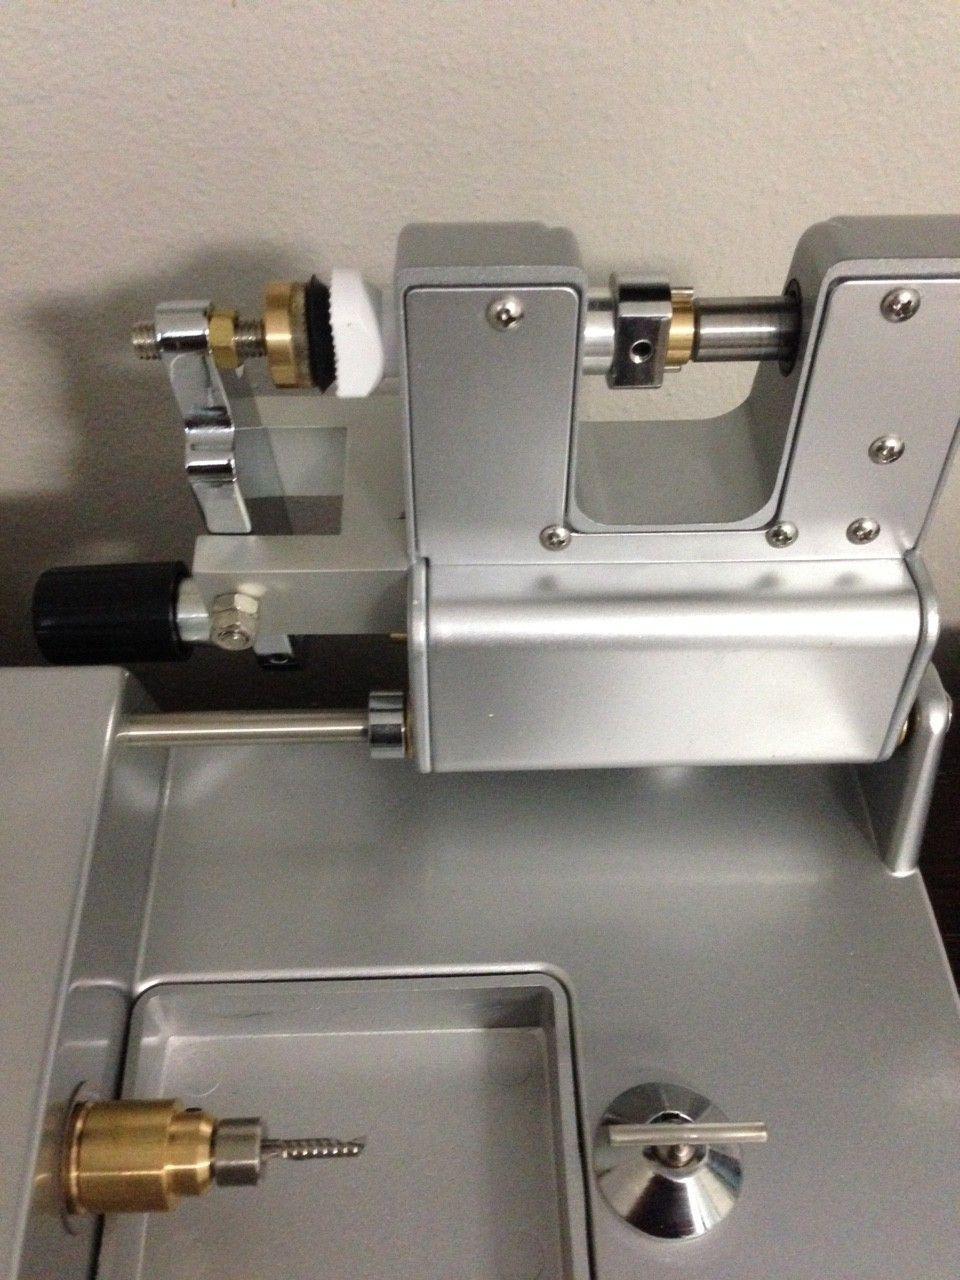 OPTICAL LENS PATTERN MAKER & LENS CUTTER MILLING MACHINE - IMG_6341.JPG